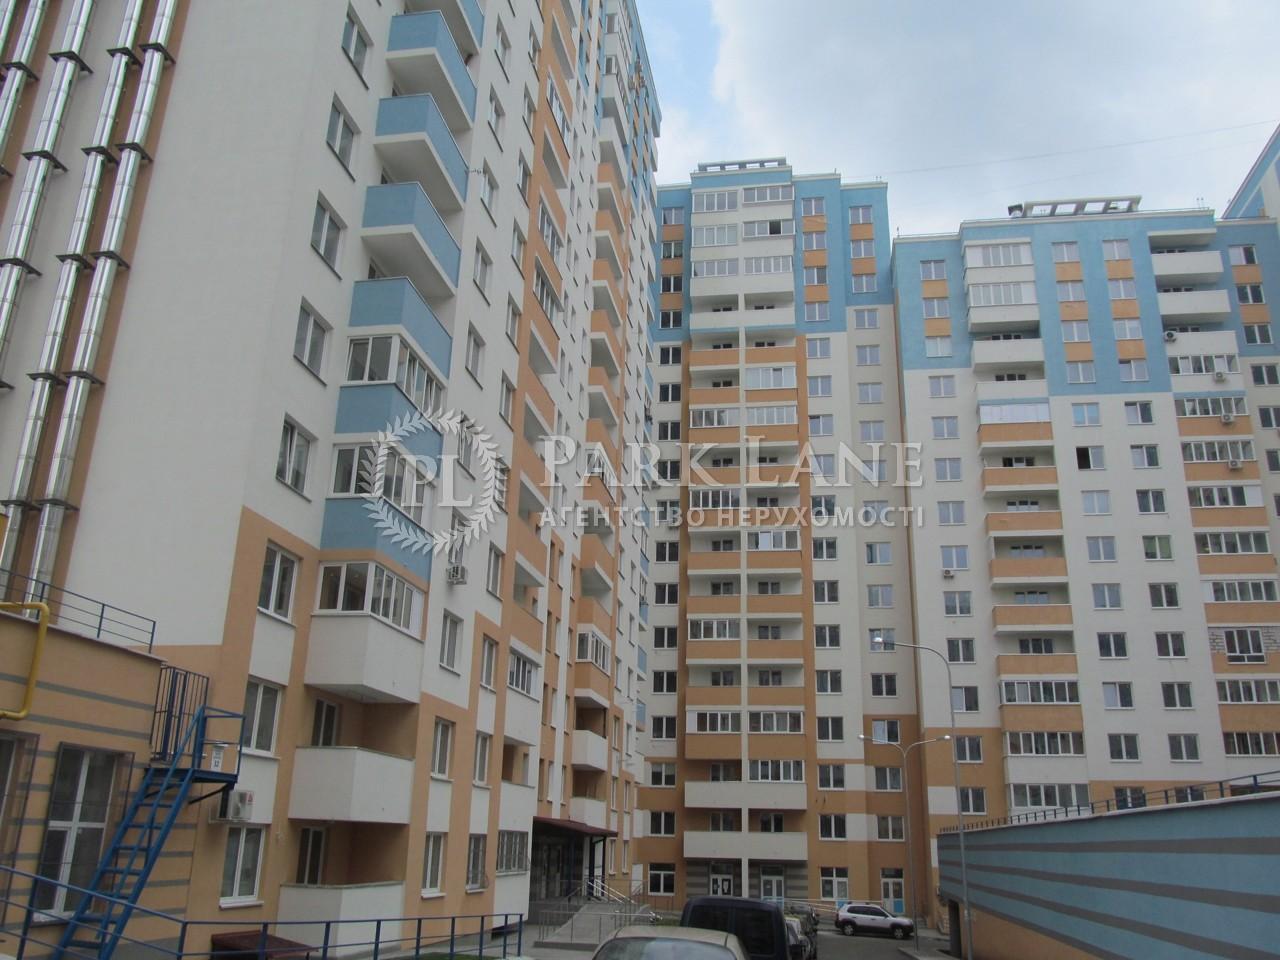 Нежитлове приміщення, вул. Данченка Сергія, Київ, J-25719 - Фото 1